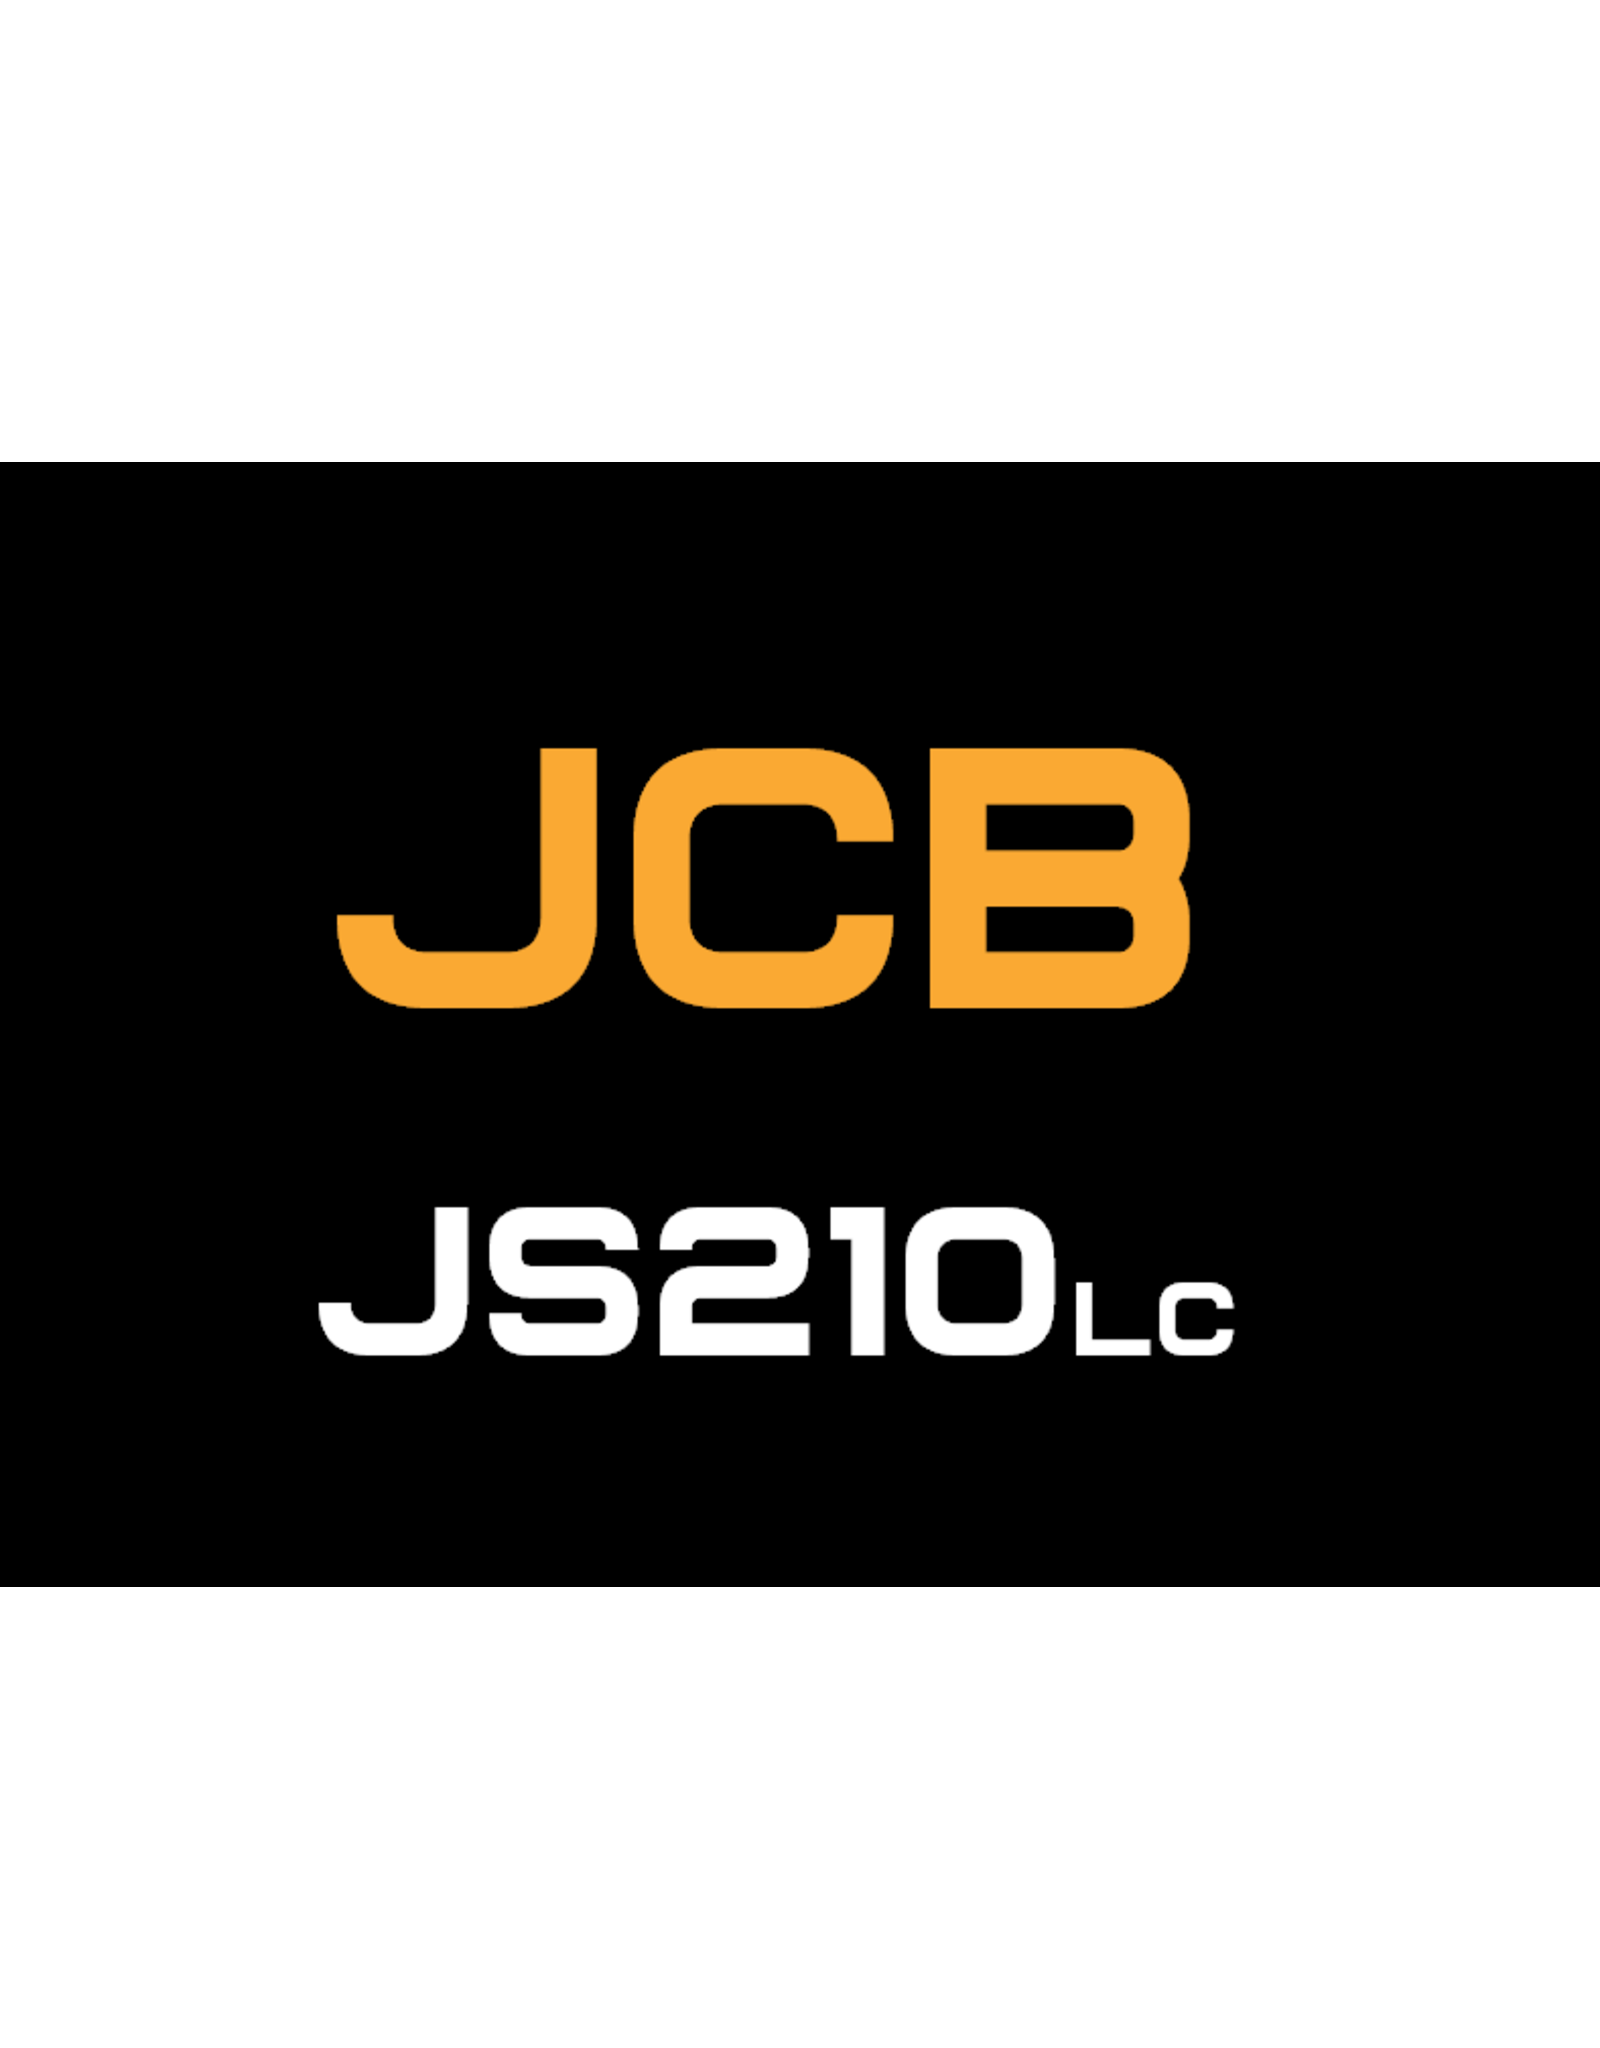 Echle Hartstahl GmbH FOPS pour JCB JS210LC